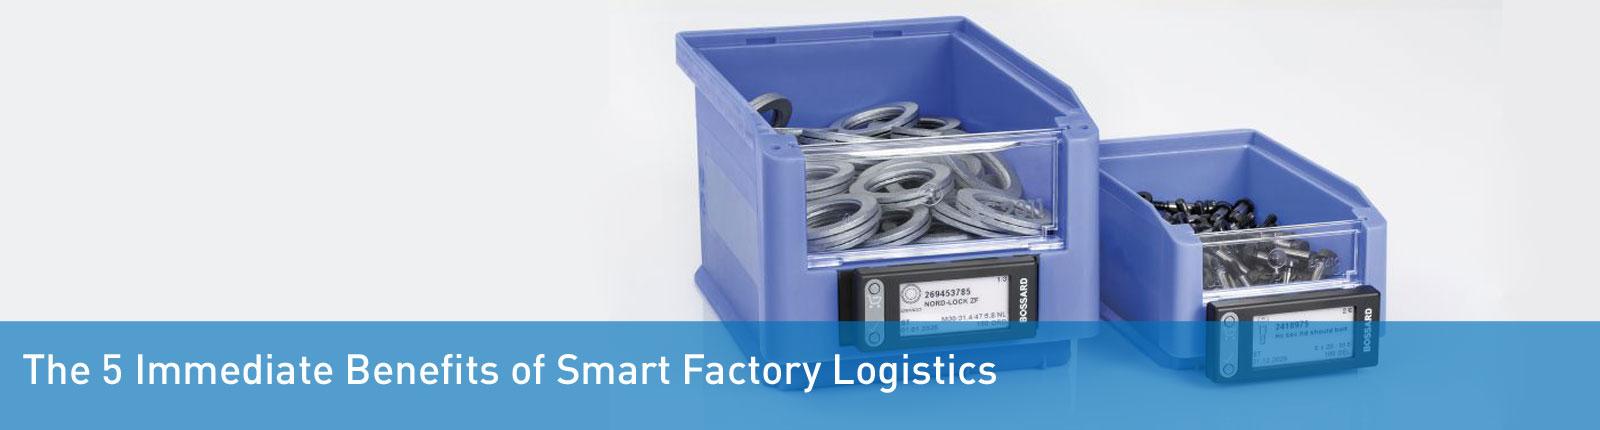 Smart Factory Logistics benefits